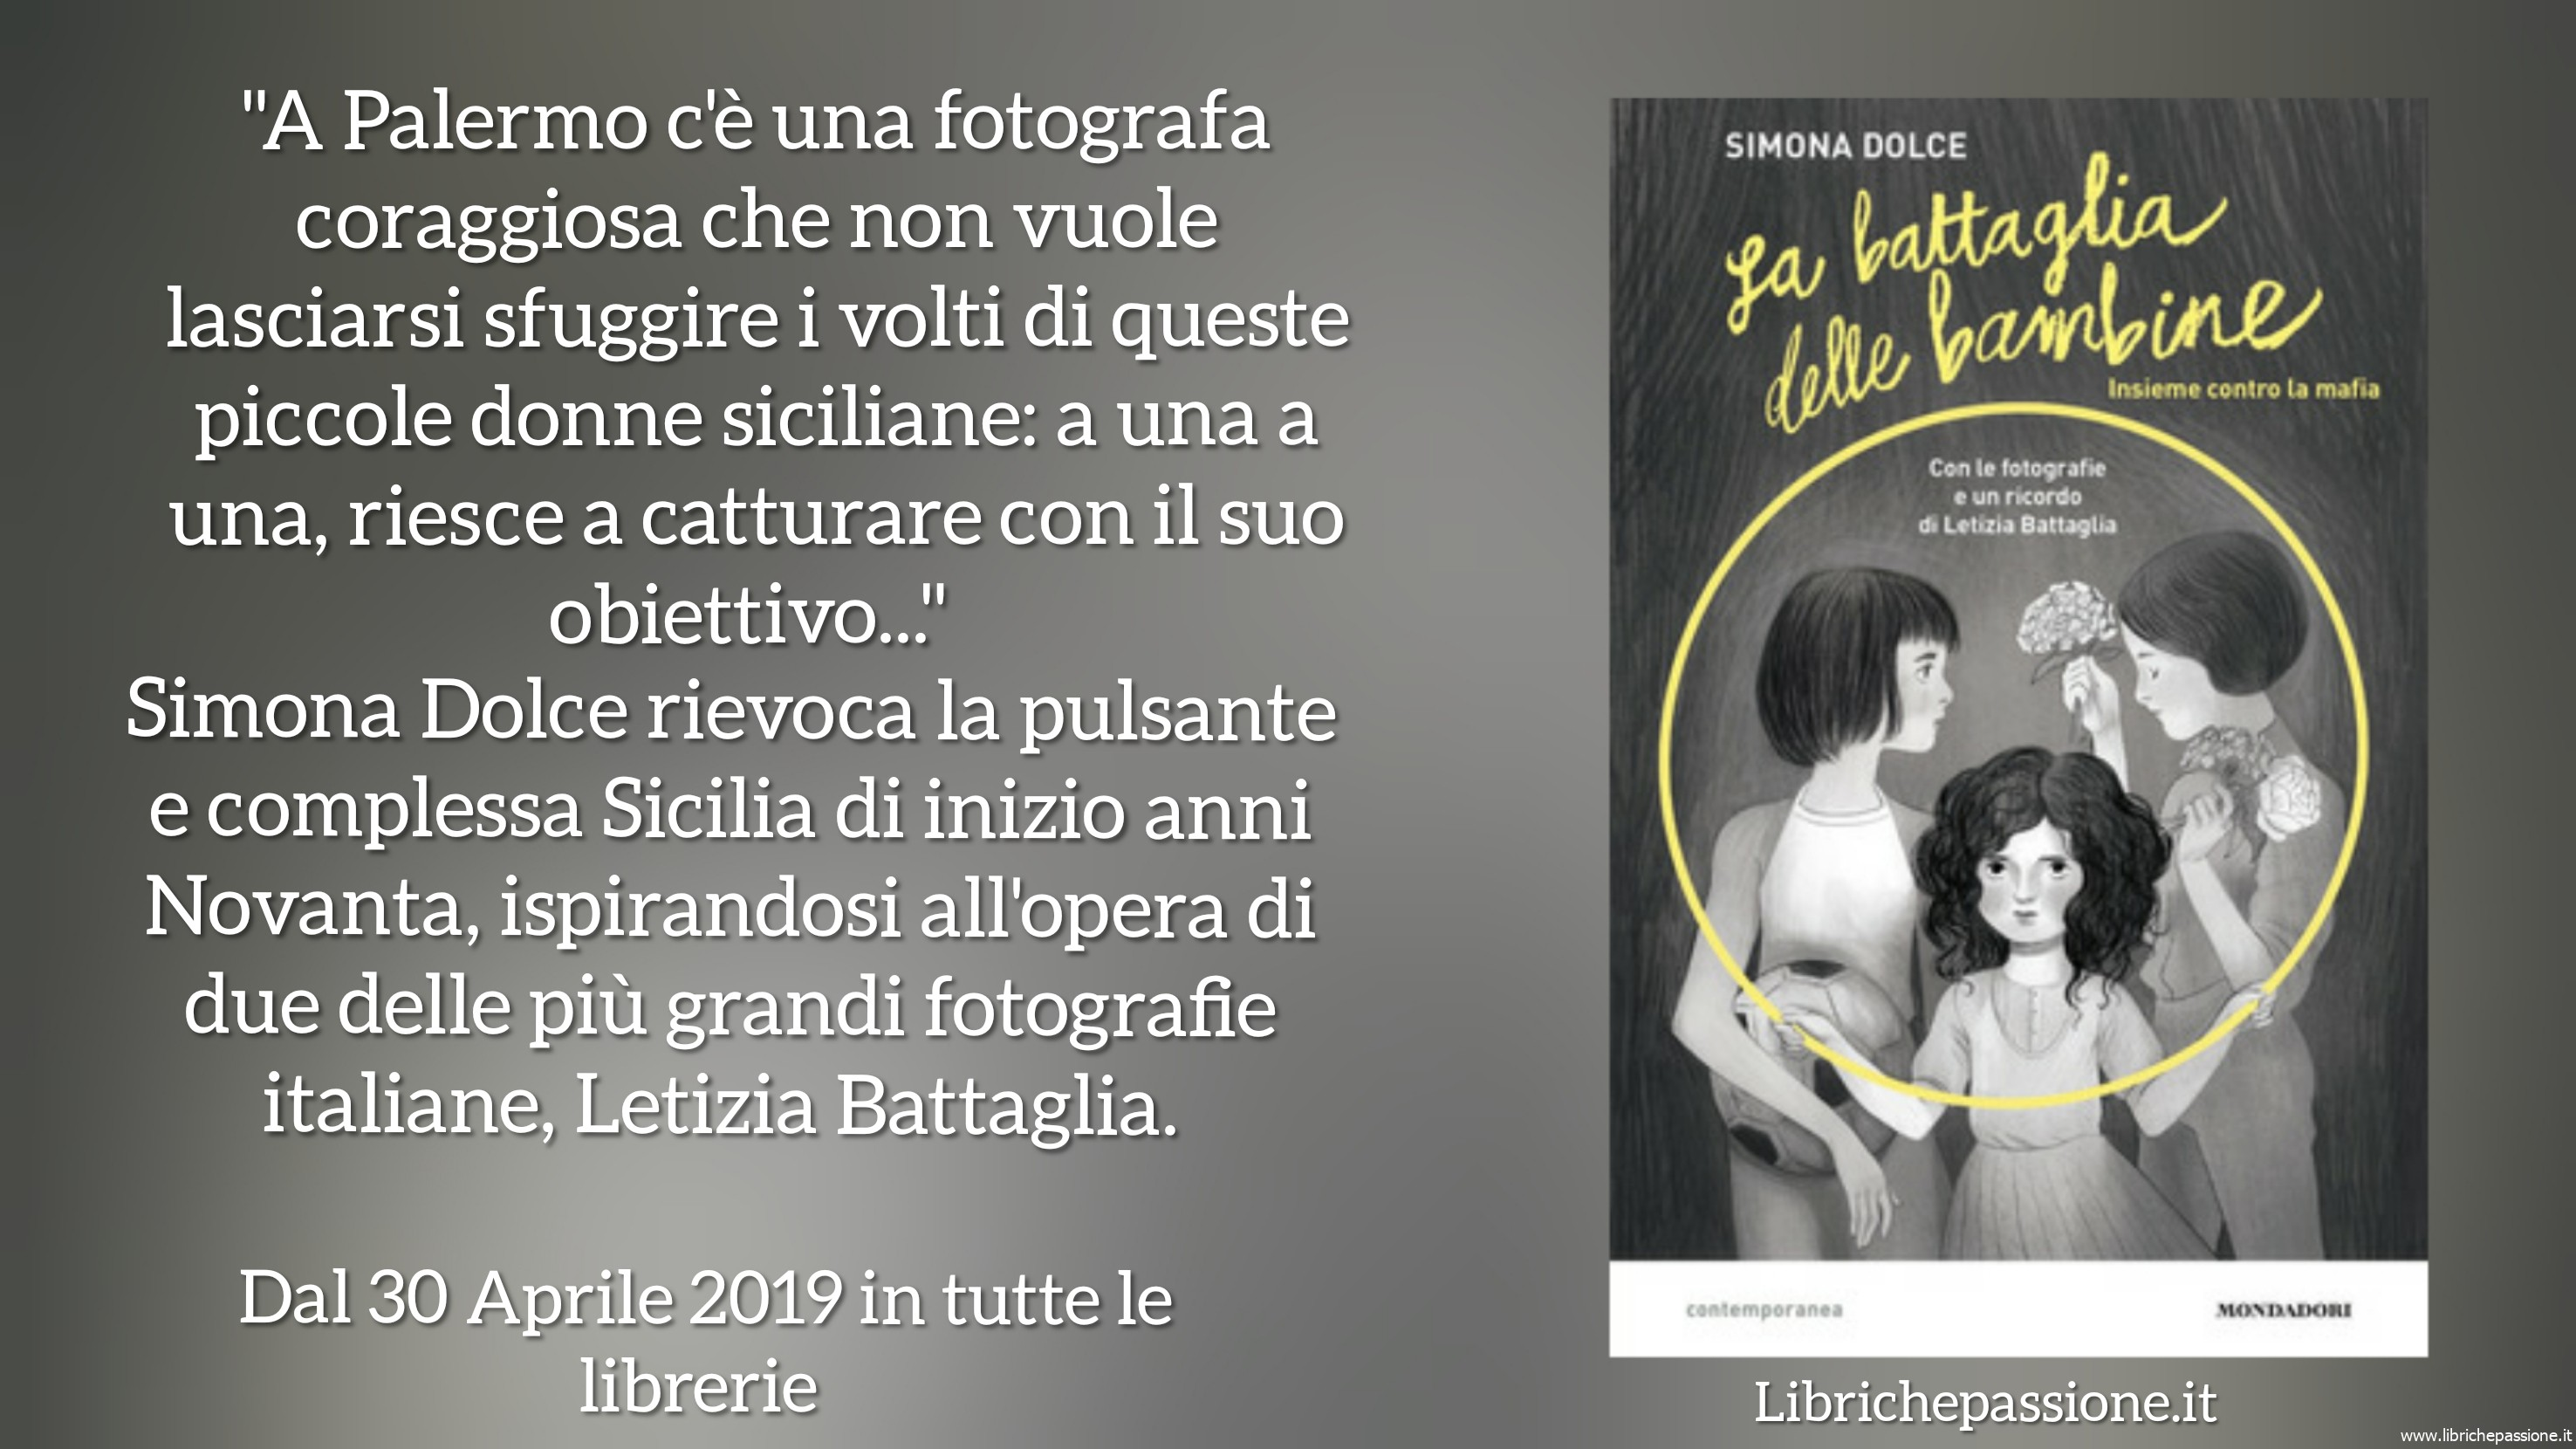 """Segnalazione """"La battaglia delle bambine"""",autrice Simona Dolce, edito Mondadori, età di lettura consigliata dai 10 ai 14 anni"""